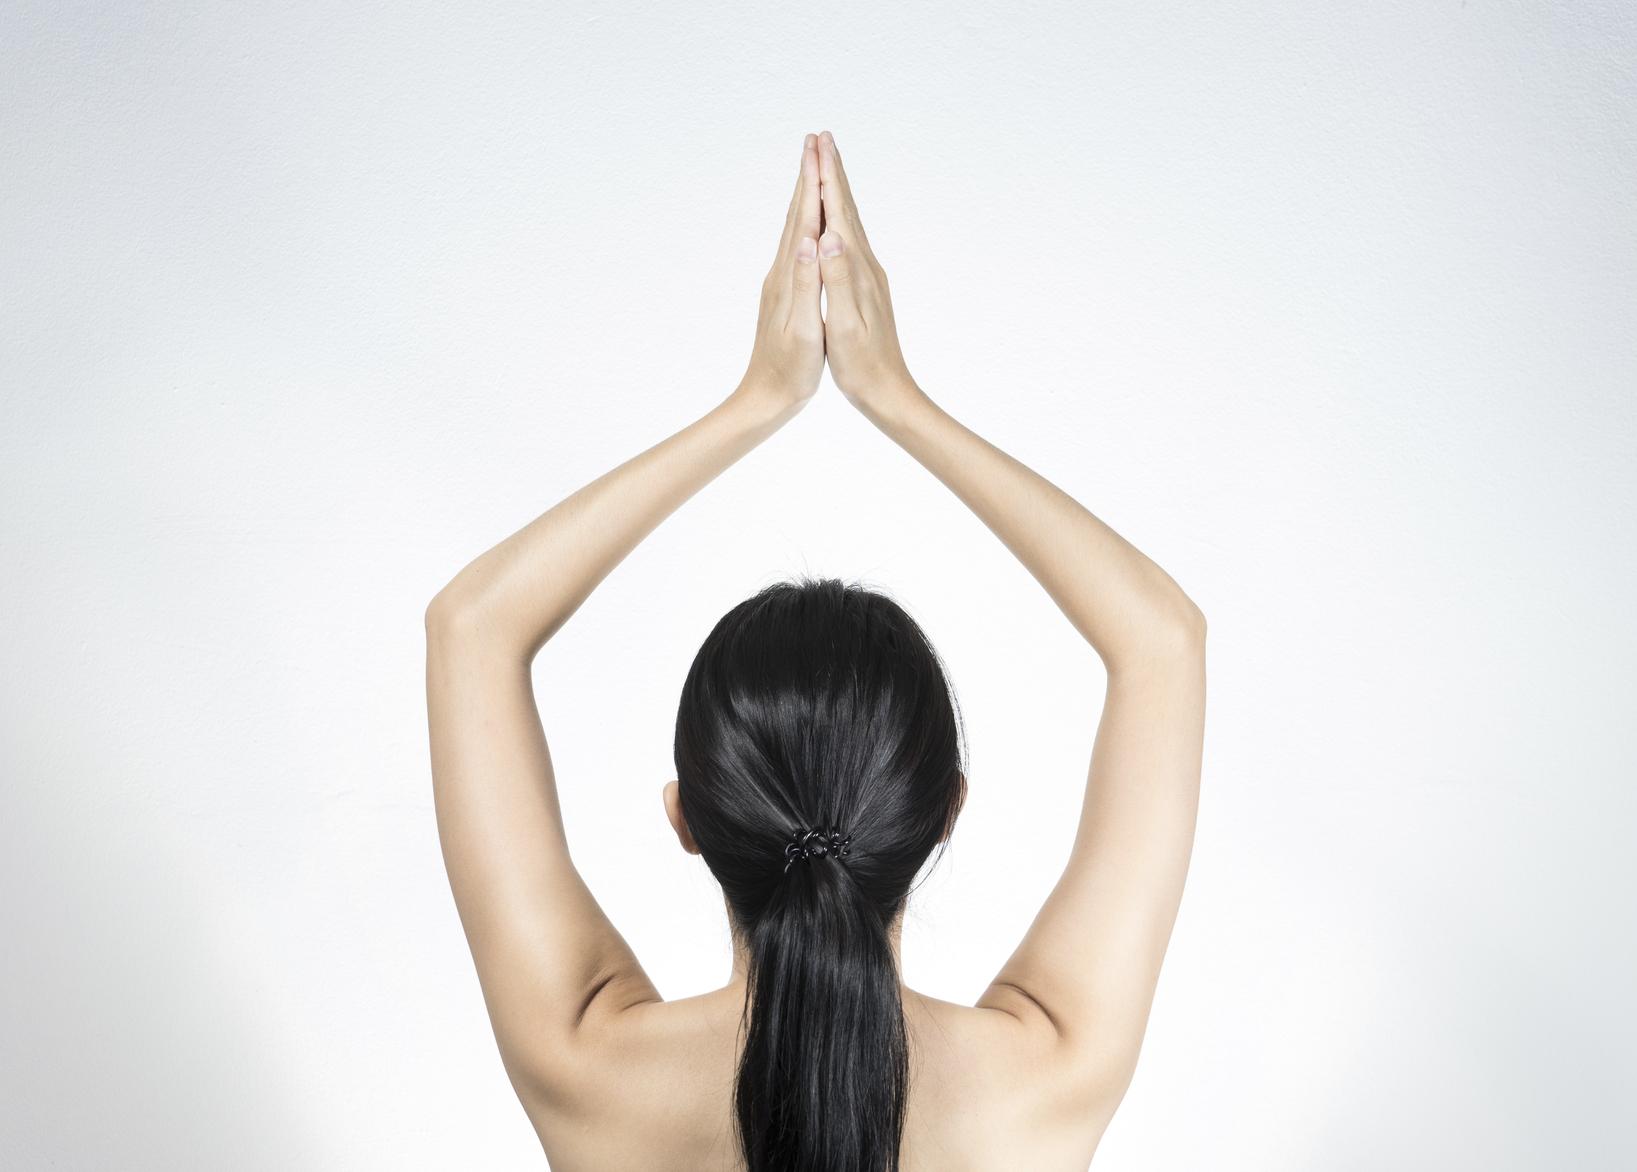 nackt männer yoga